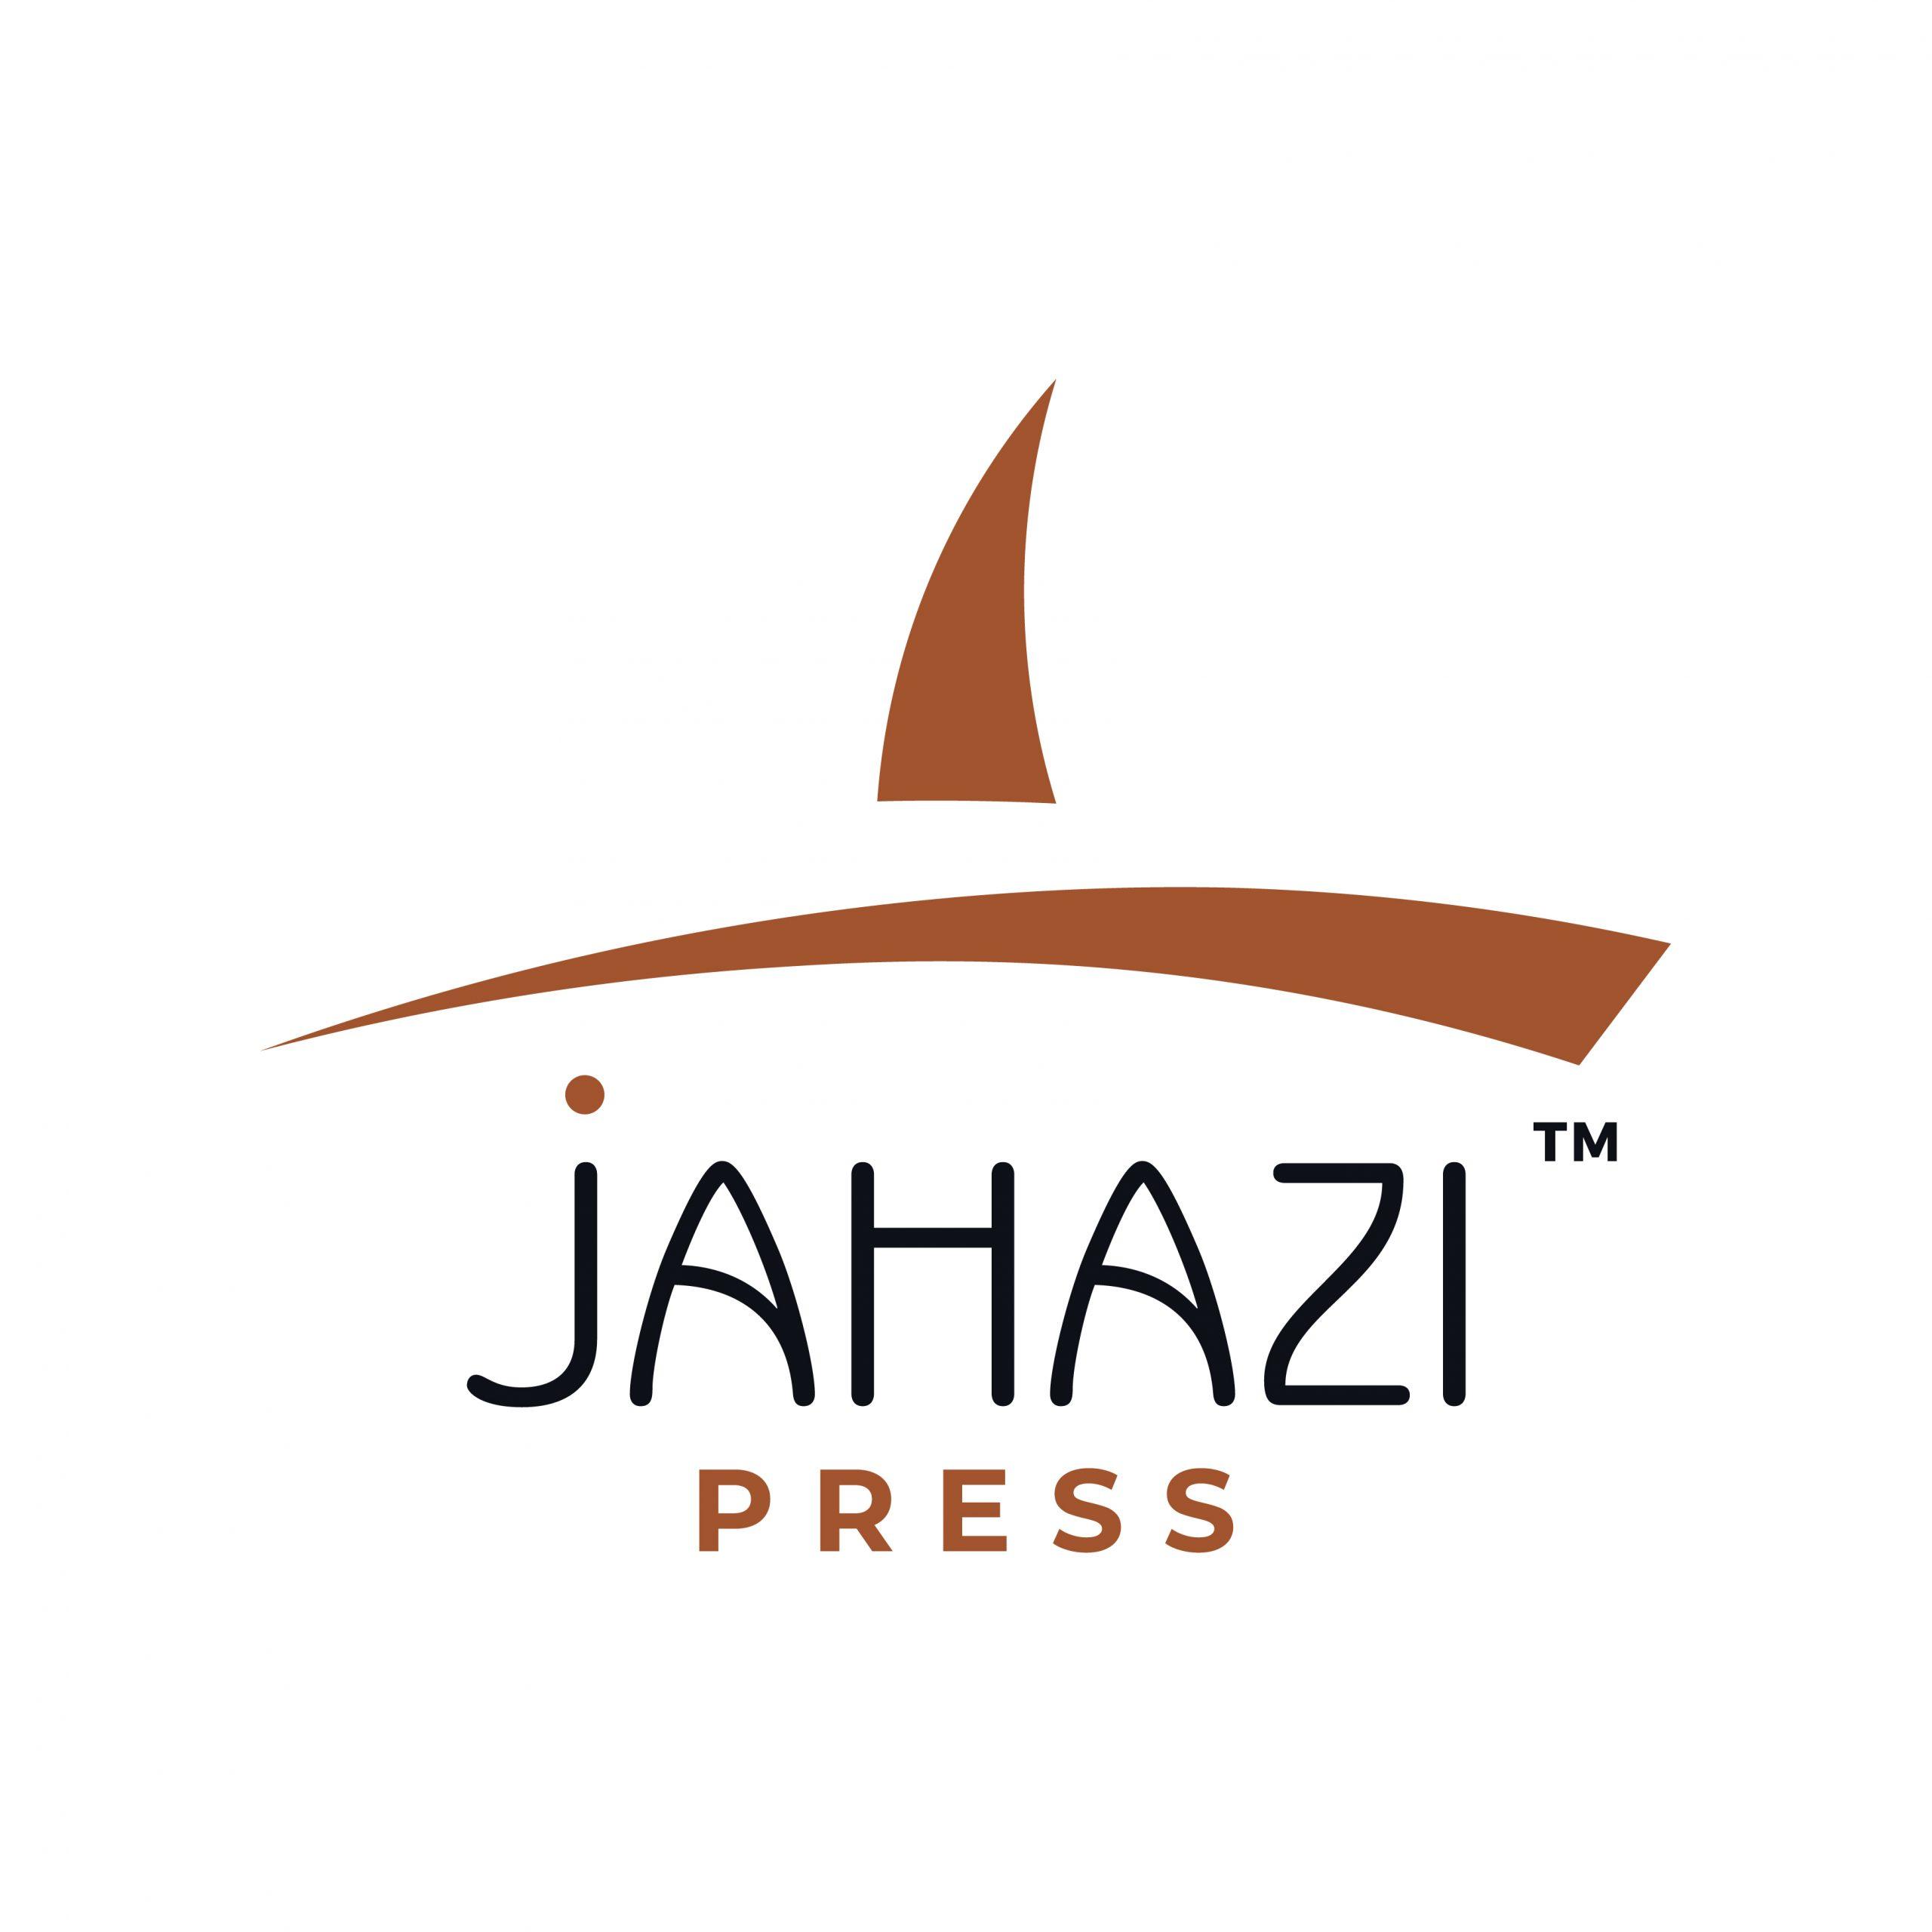 Jahazi Press